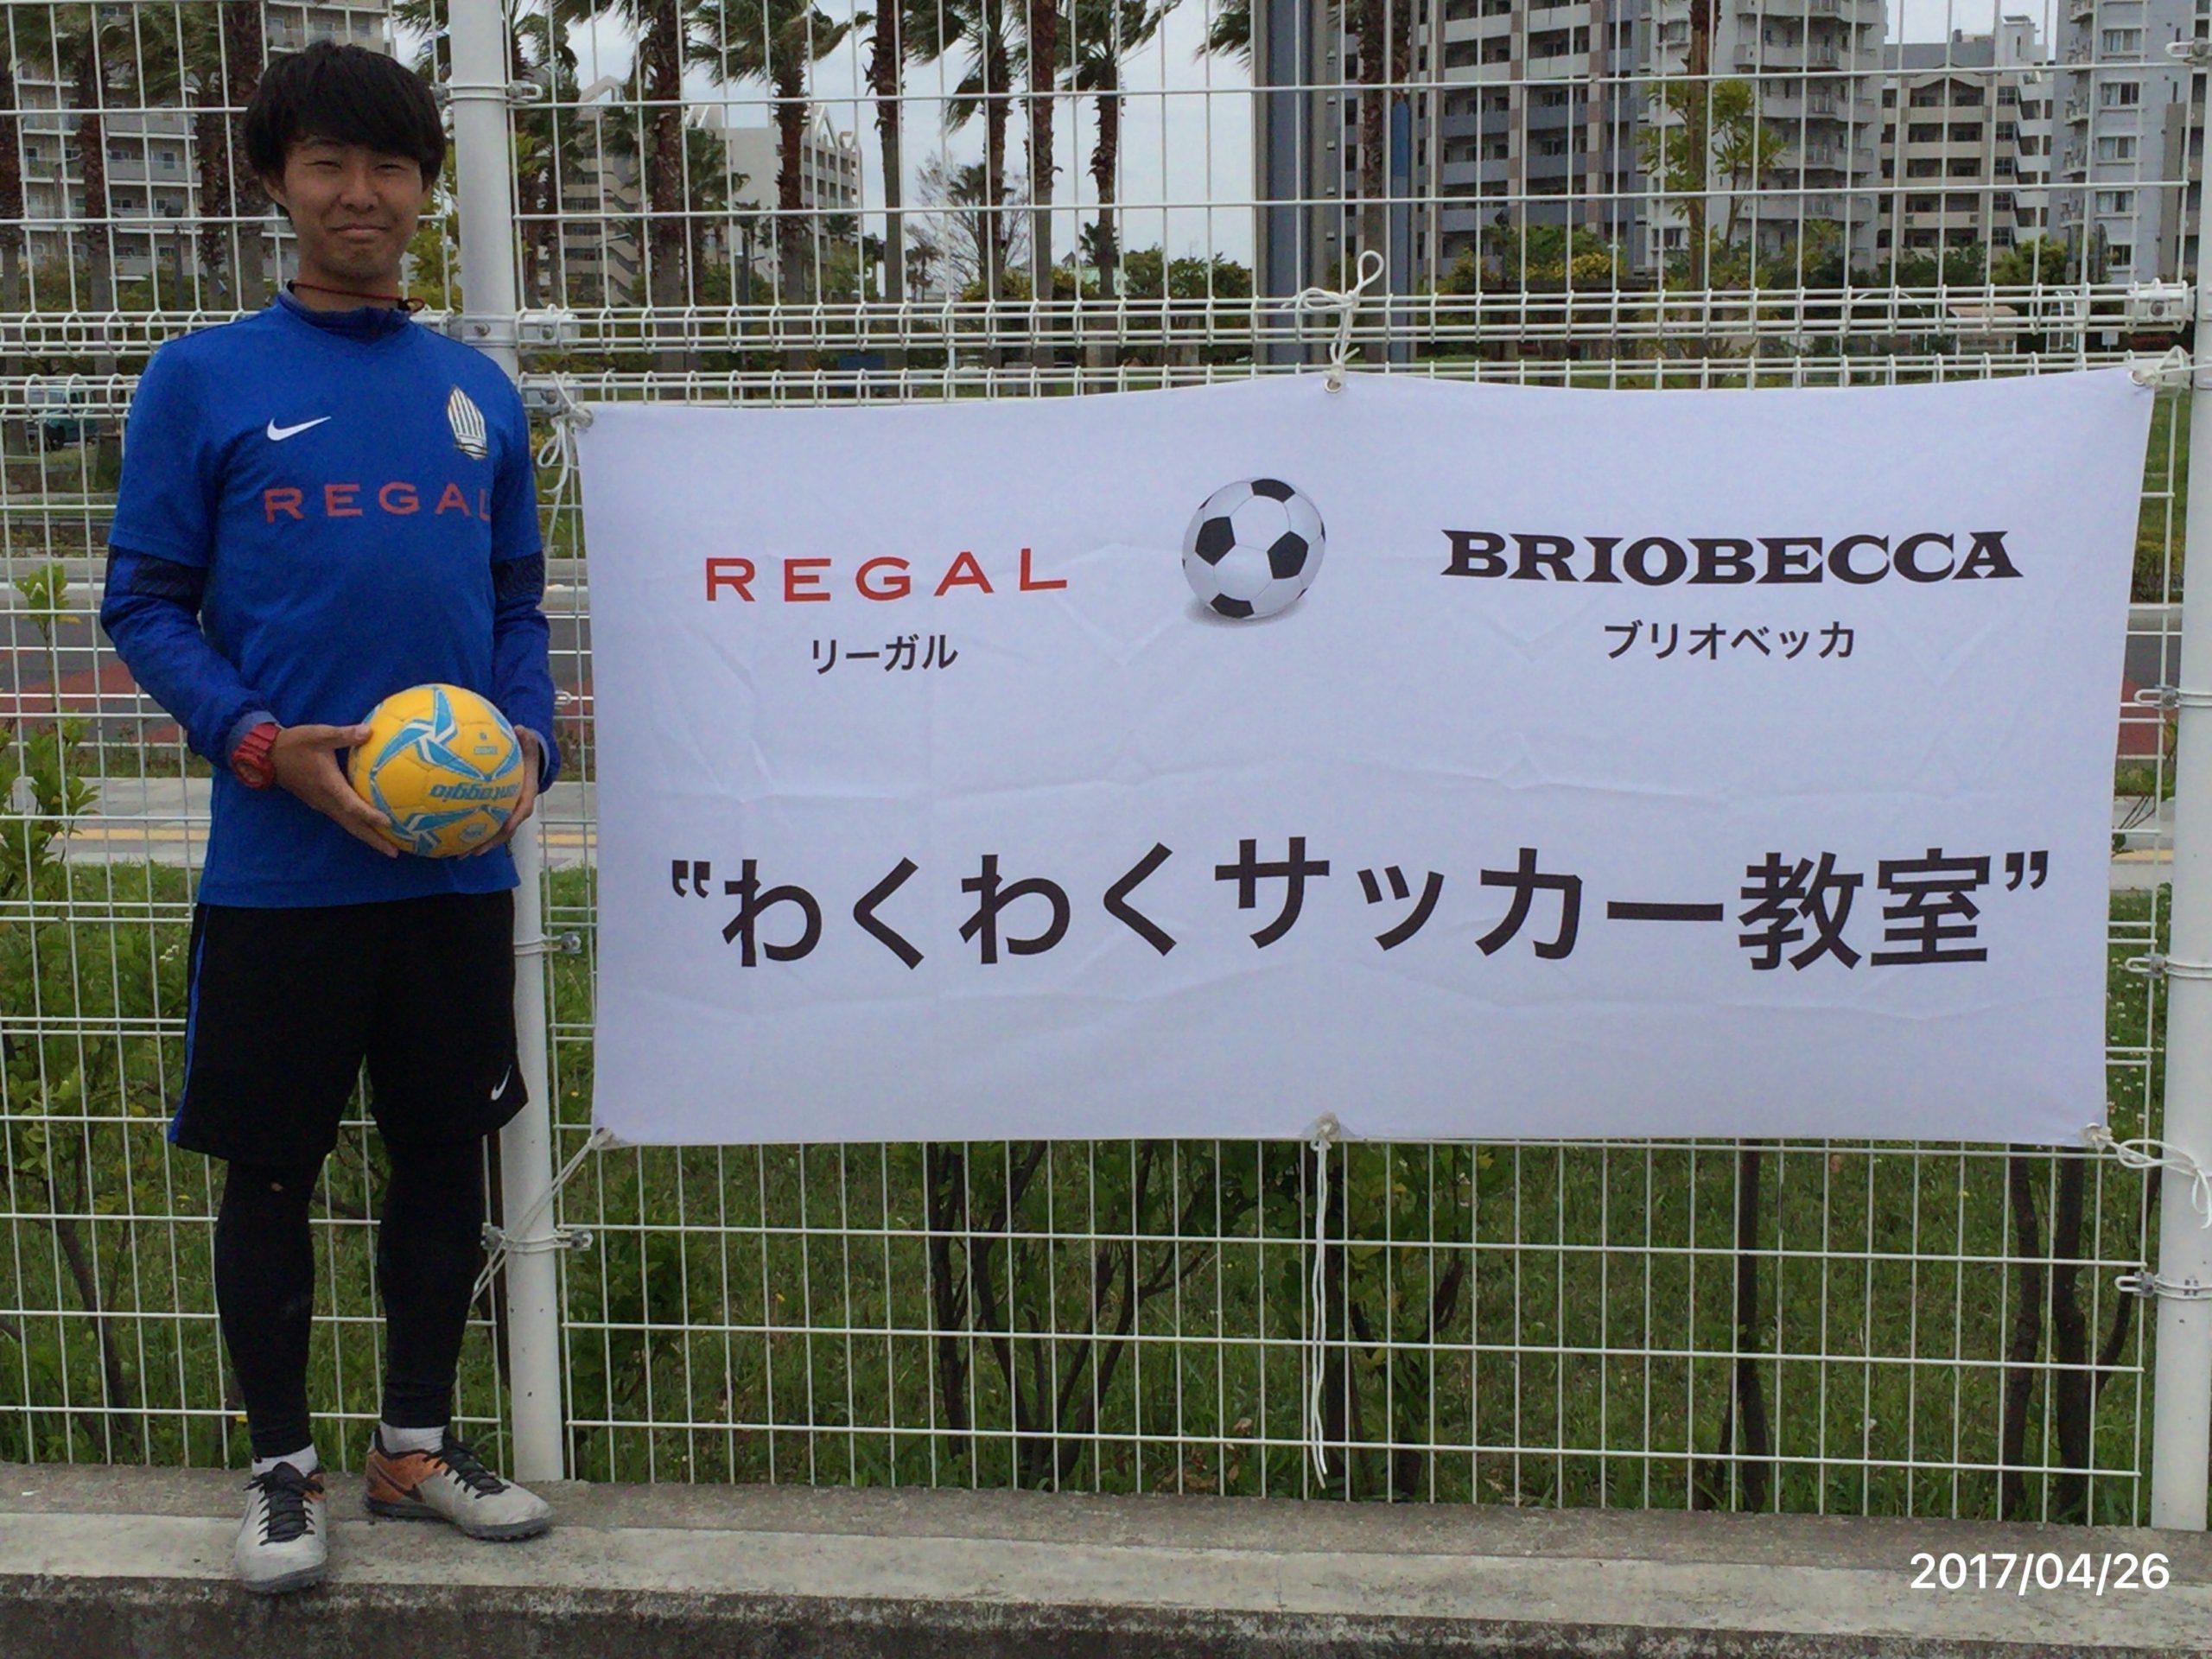 【地域活動】わくわくサッカー教室(幼児巡回指導)